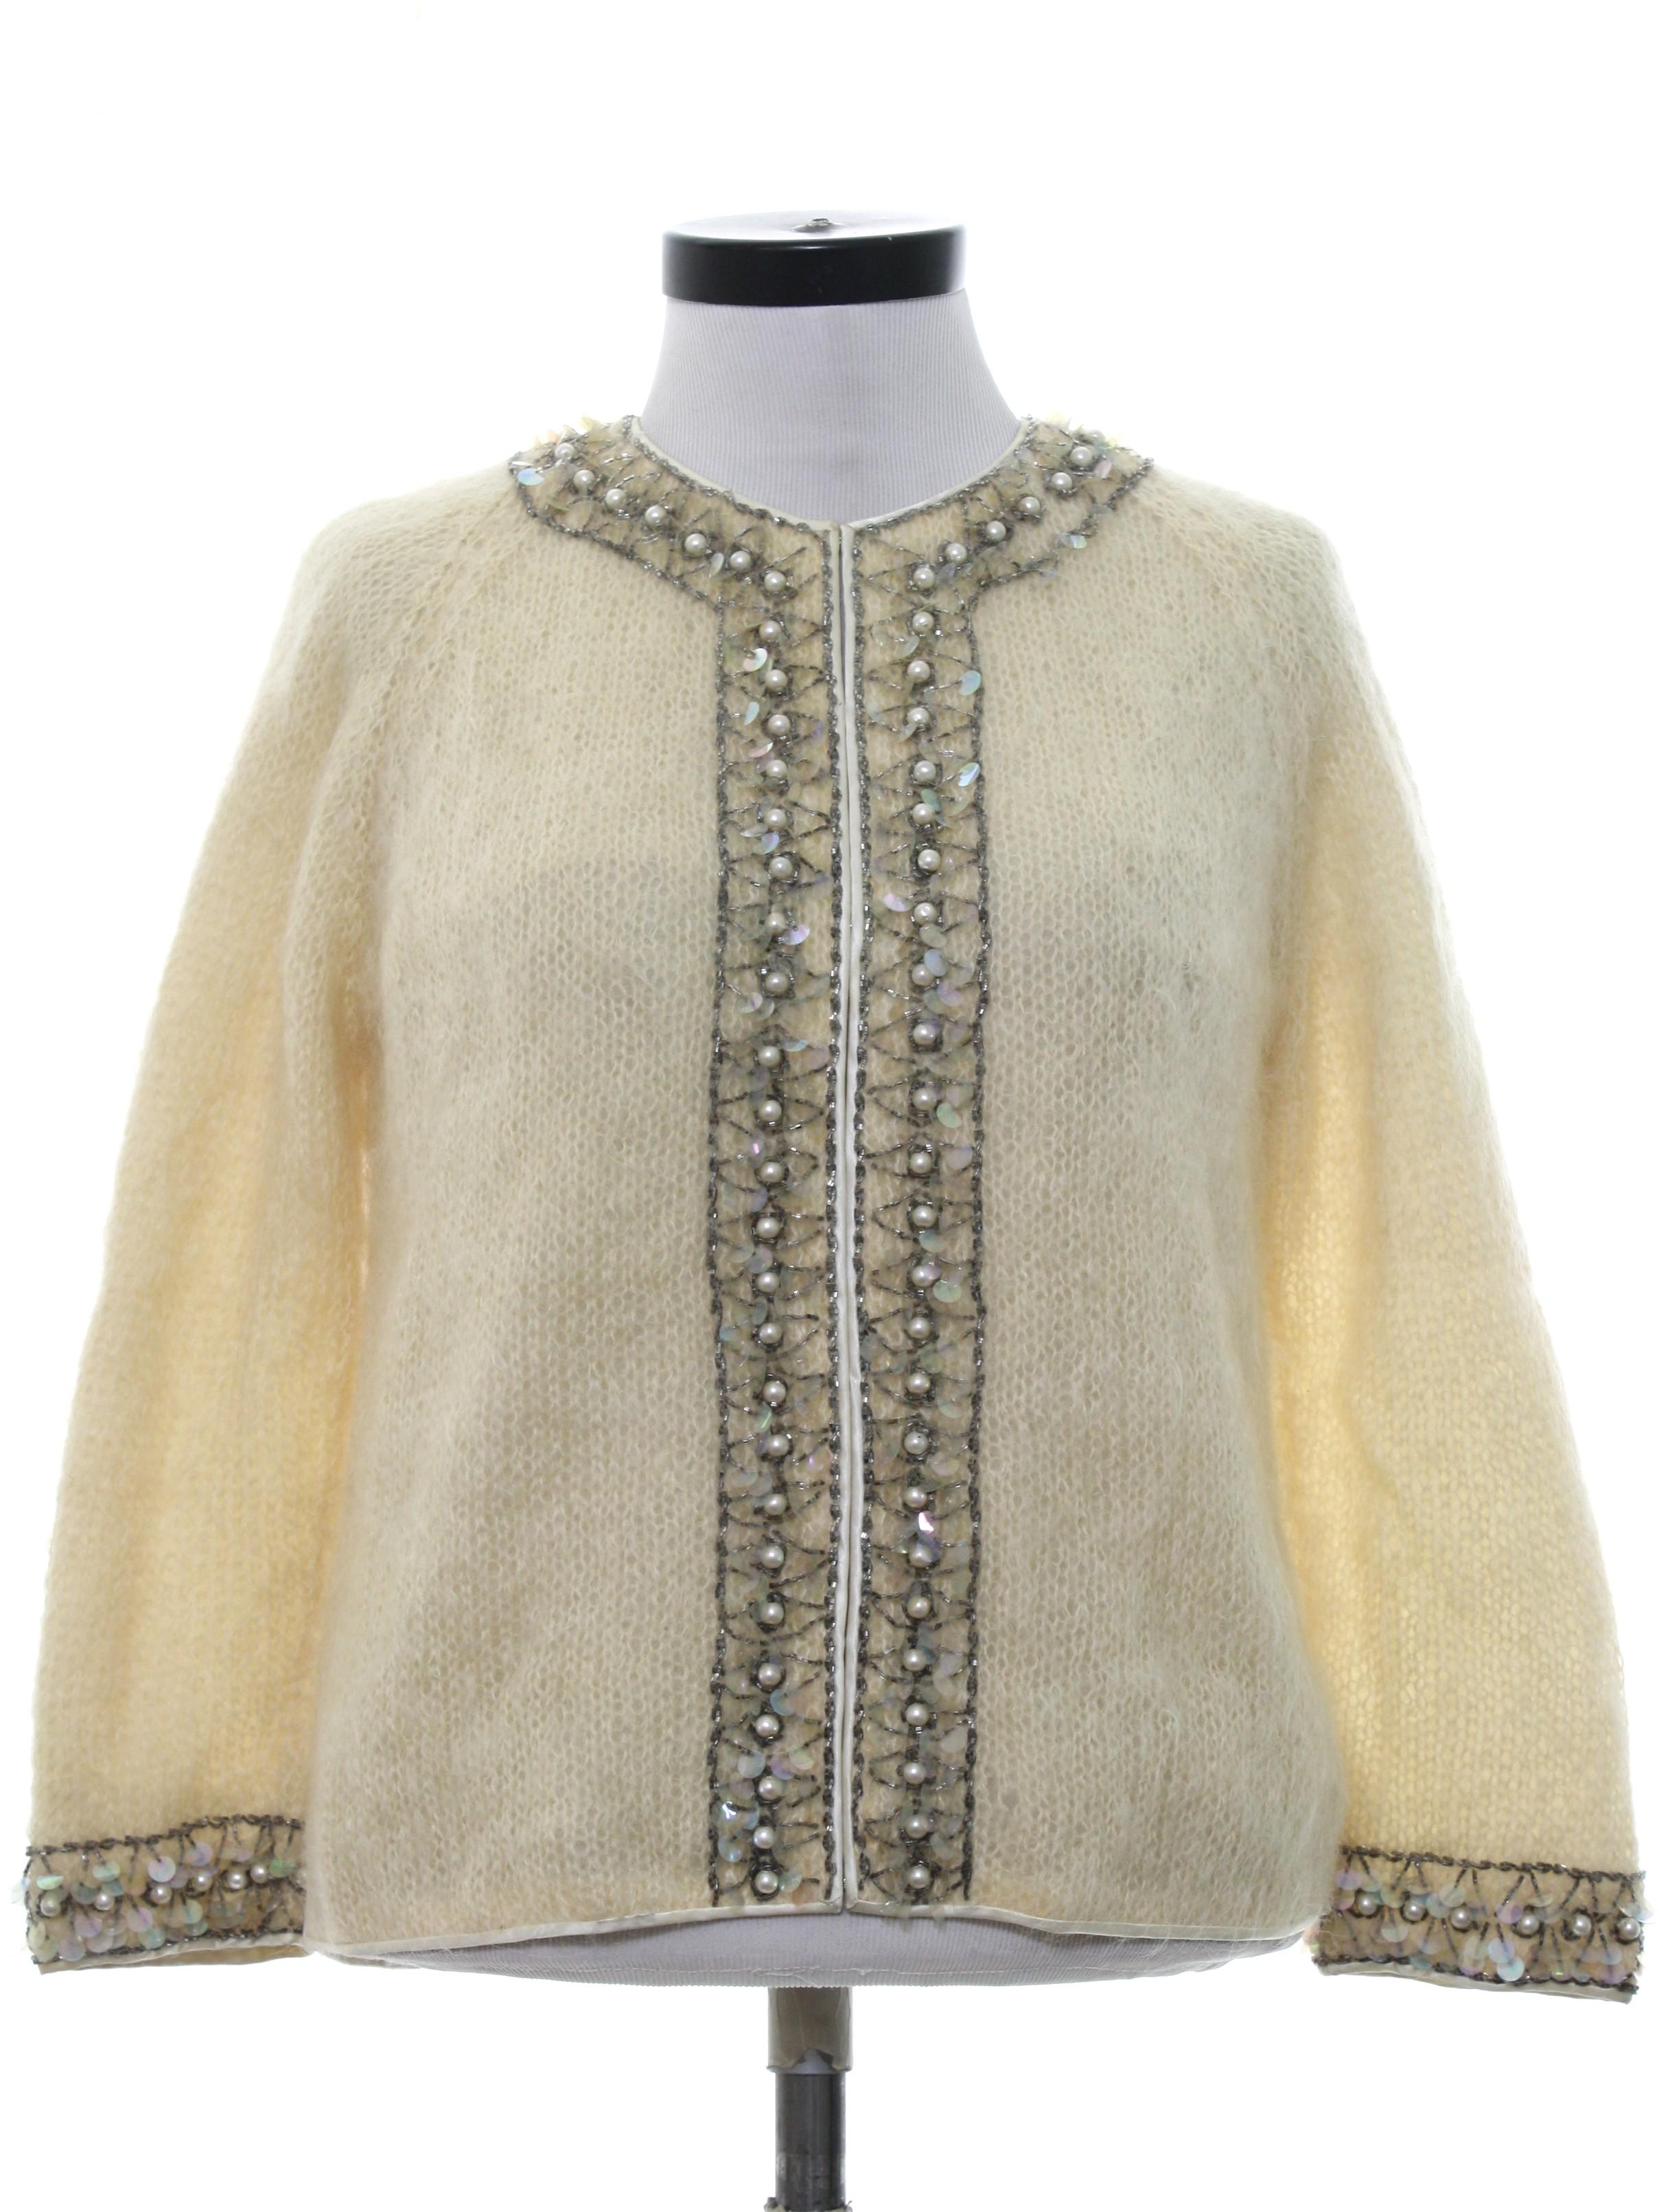 abde6efcc3 Retro 1960s Beaded Sweater  60s -Cyn Les- Womens winter white ...